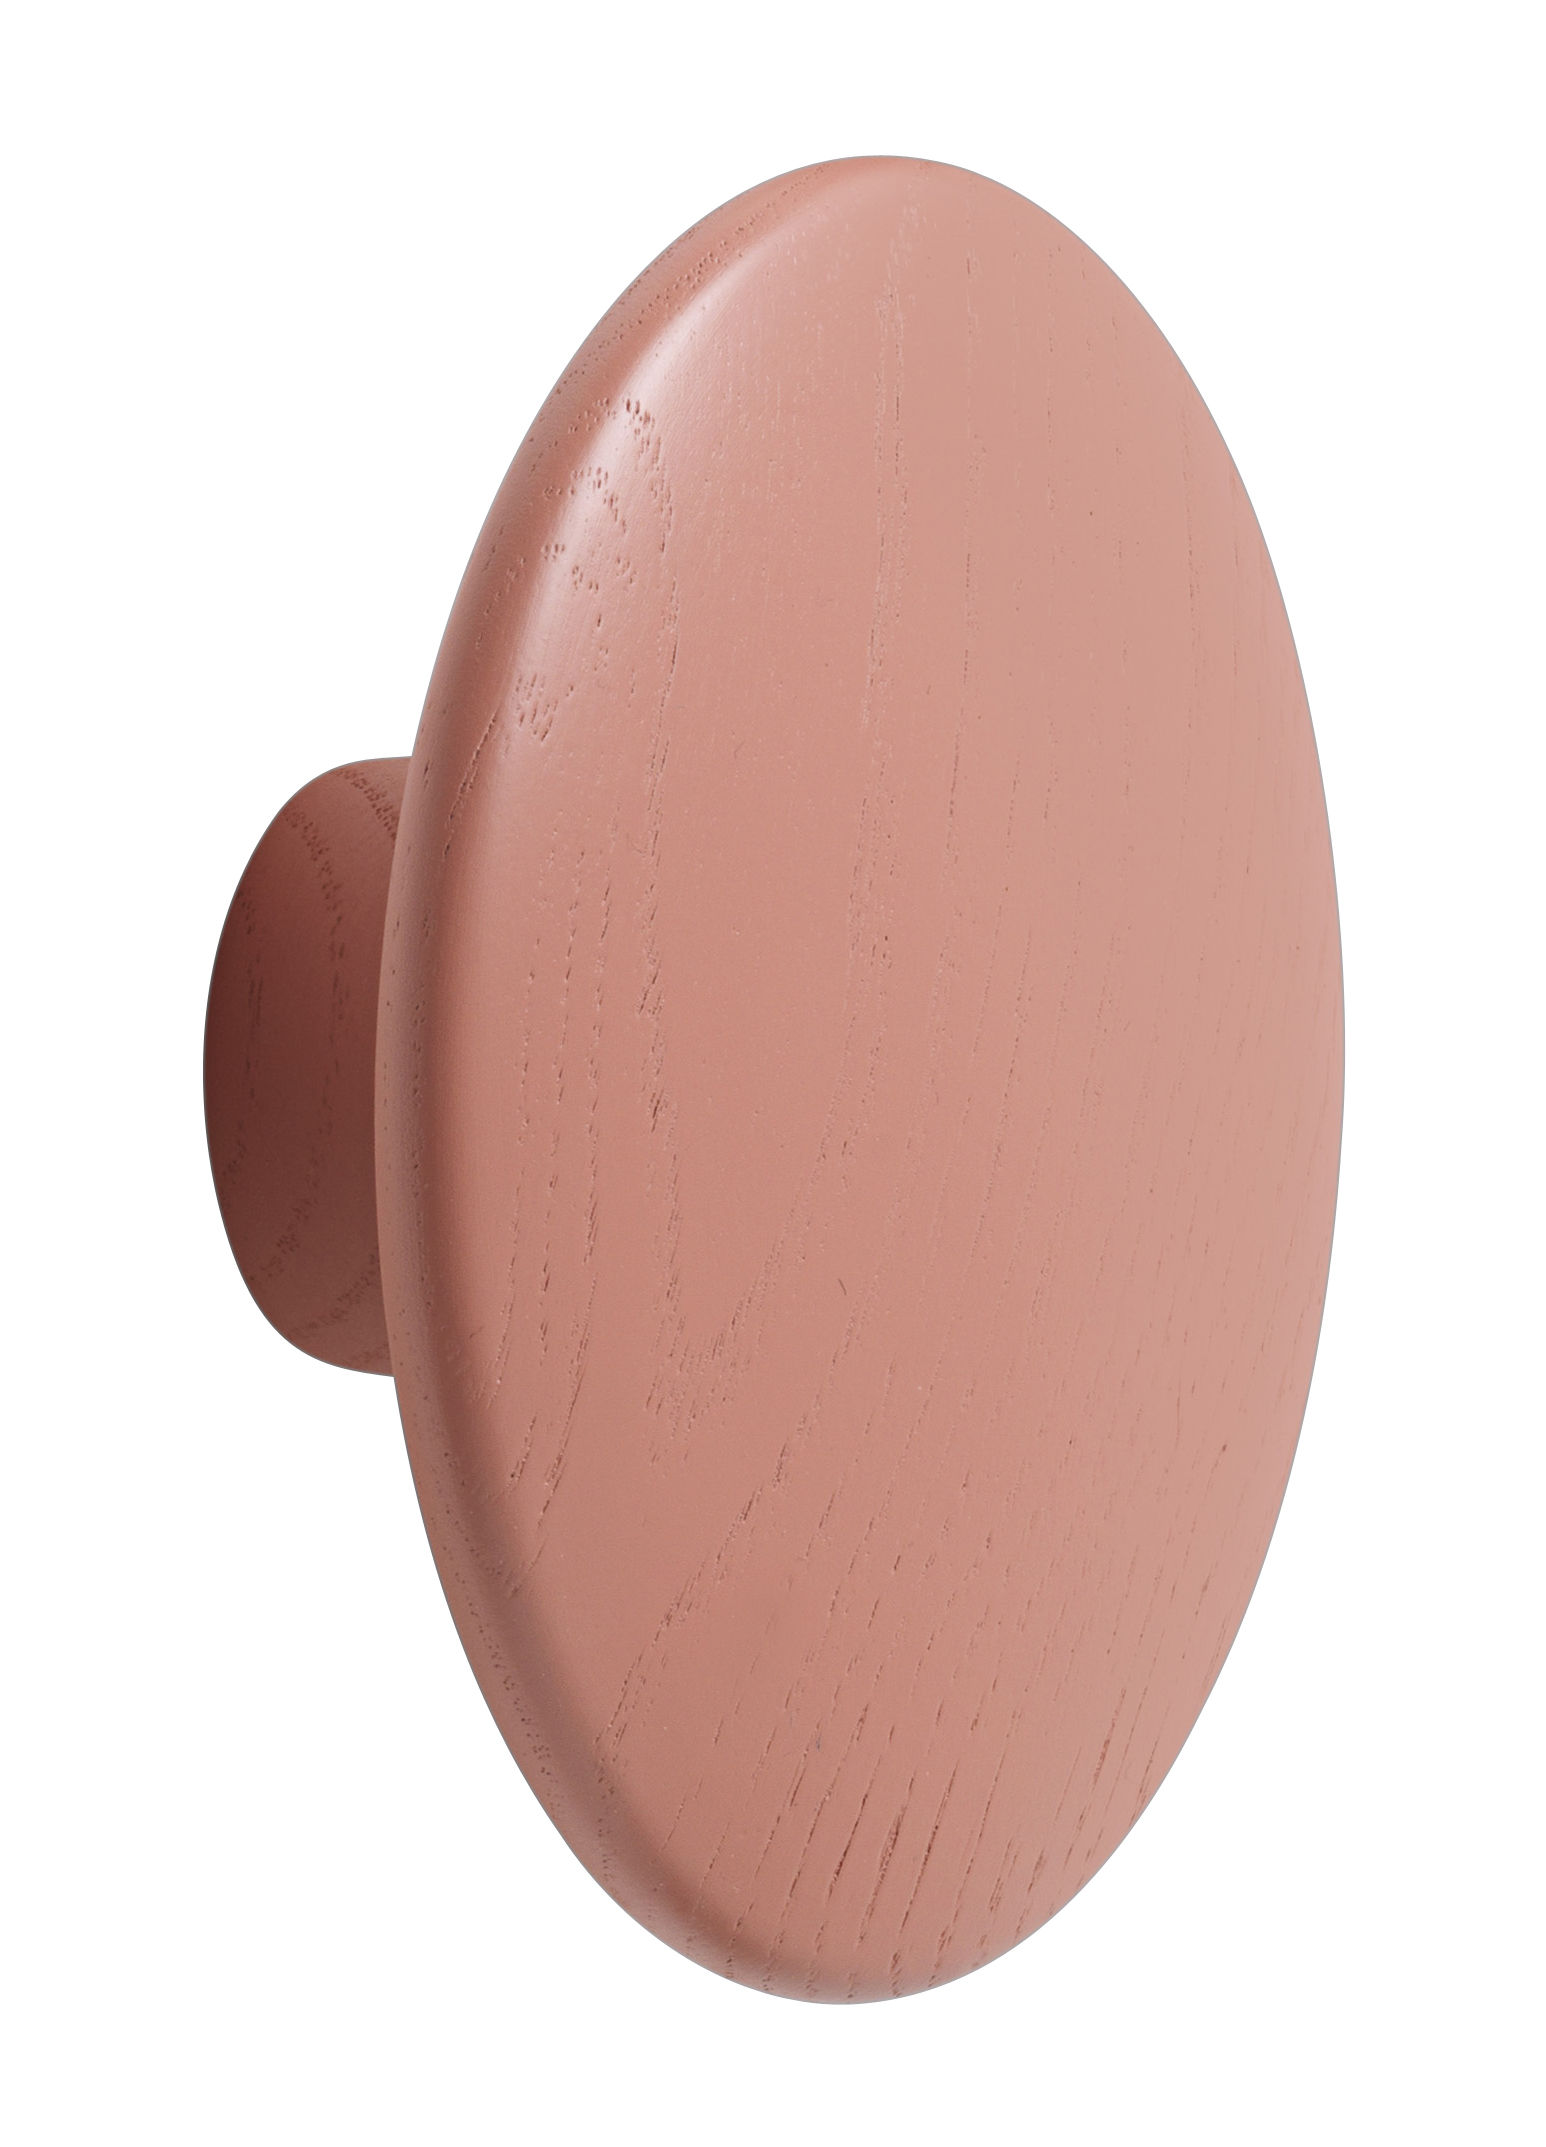 Mobilier - Portemanteaux, patères & portants - Patère The dots / Medium - Ø 13 cm - Muuto - Vieux rose - Frêne teinté